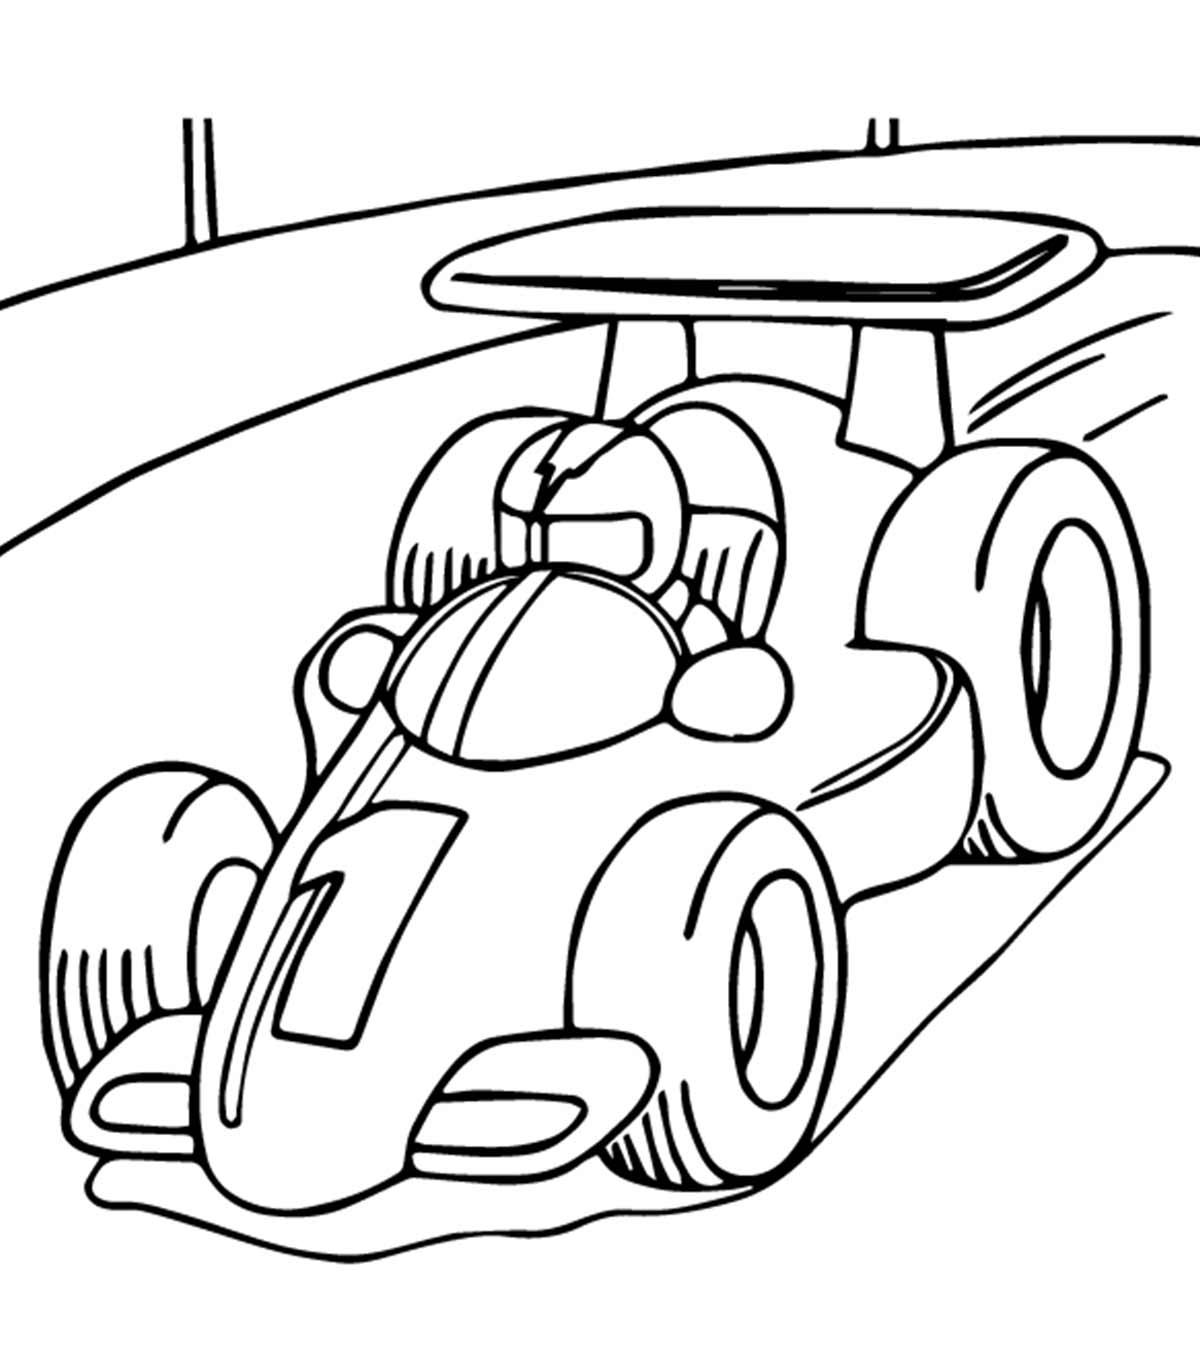 Tranh tô màu xe oto cho trẻ